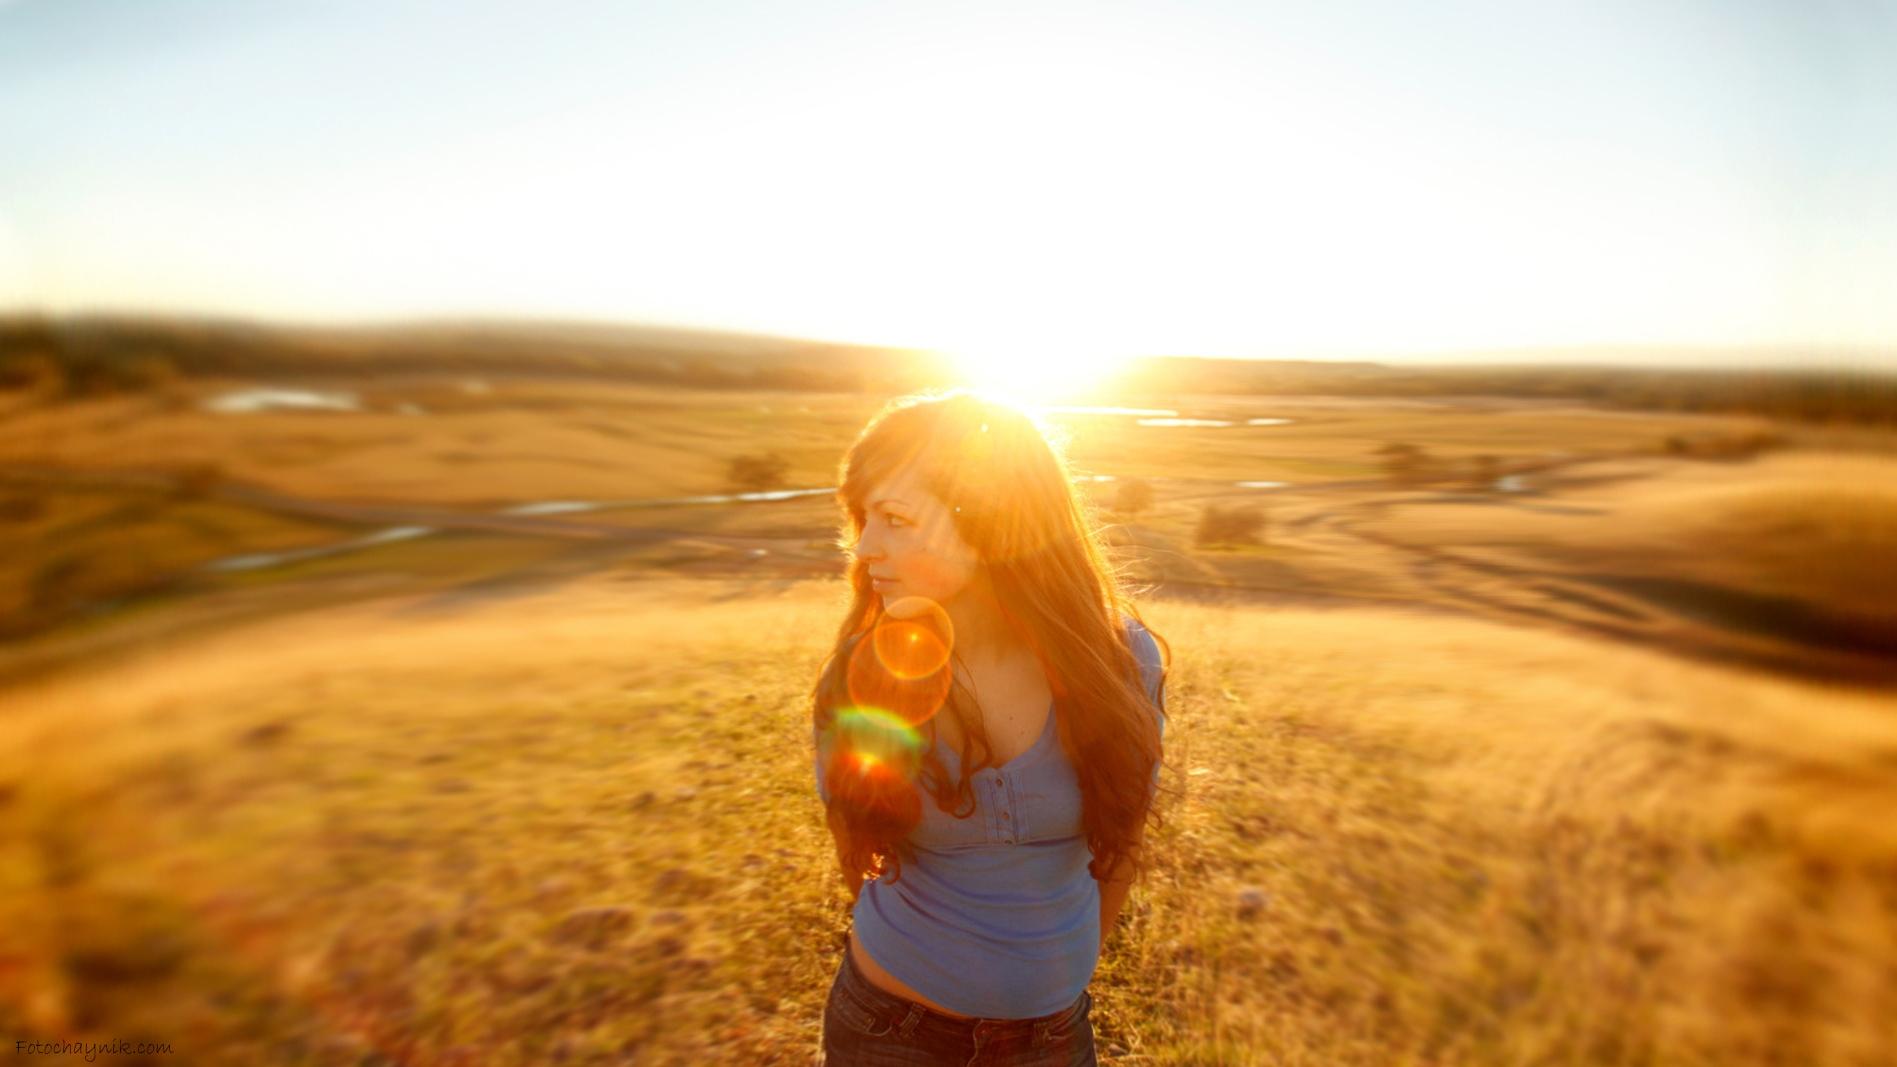 снимки напротив солнца